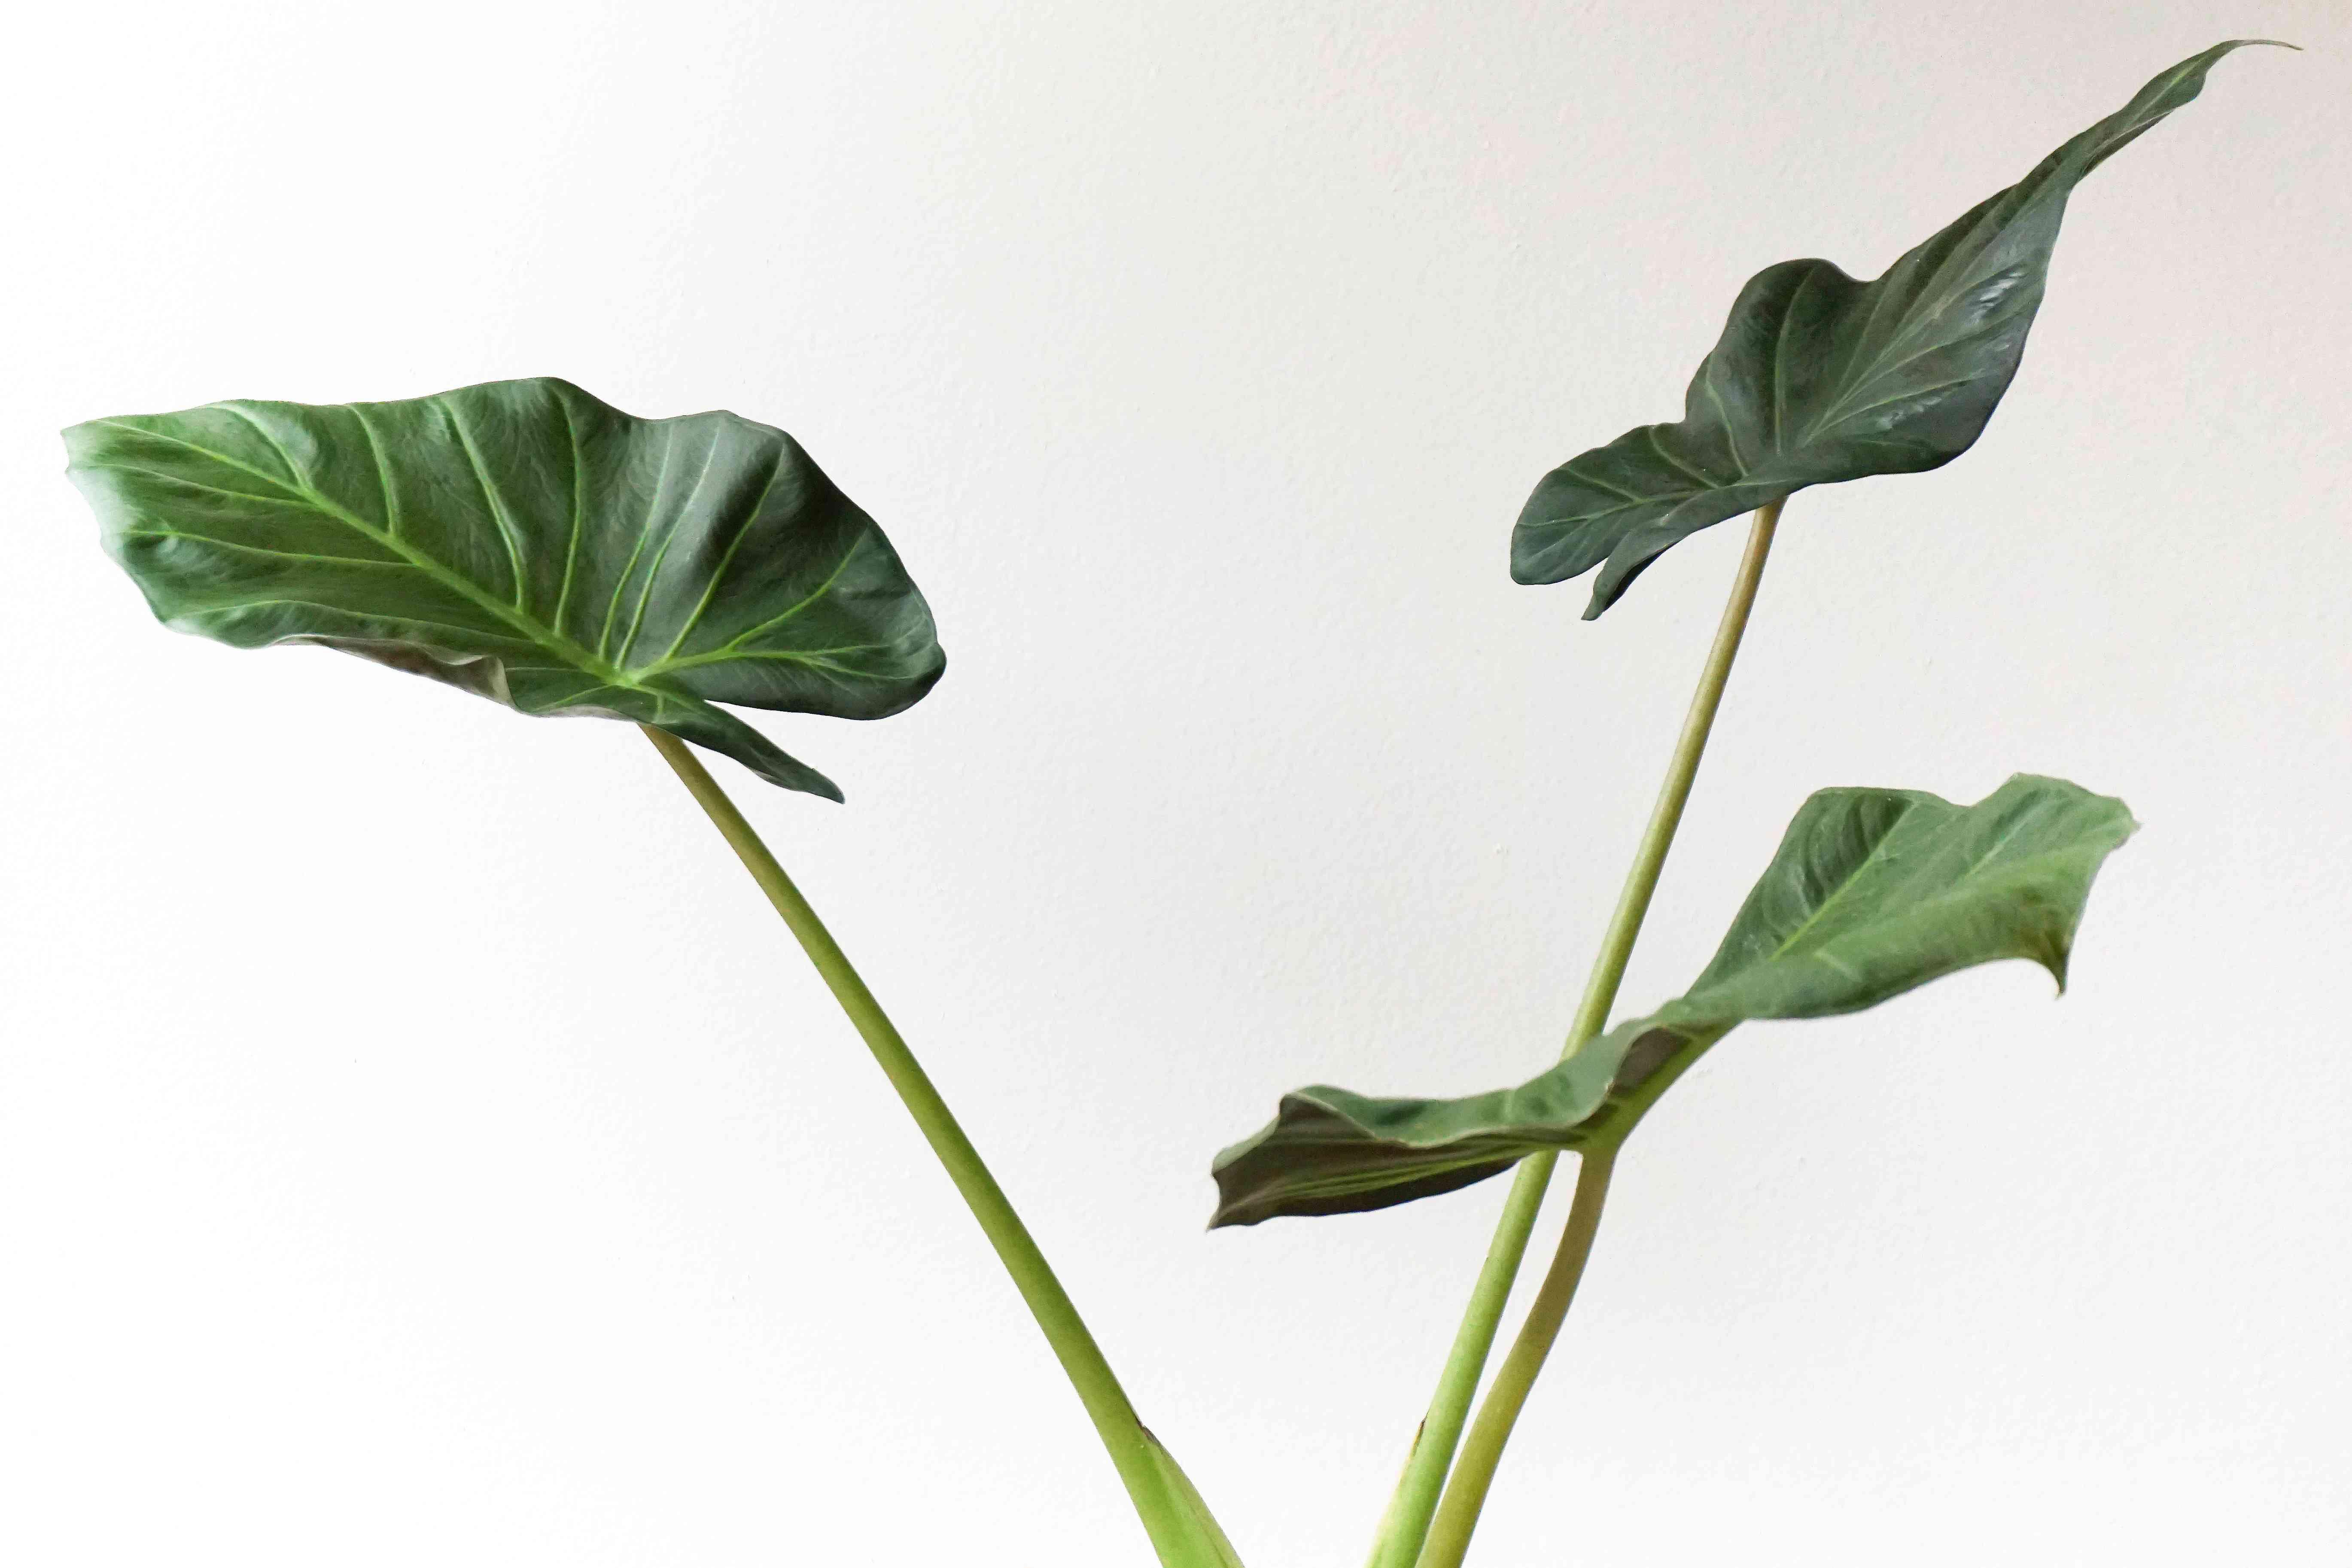 Alocasia macrorrhizos leaves